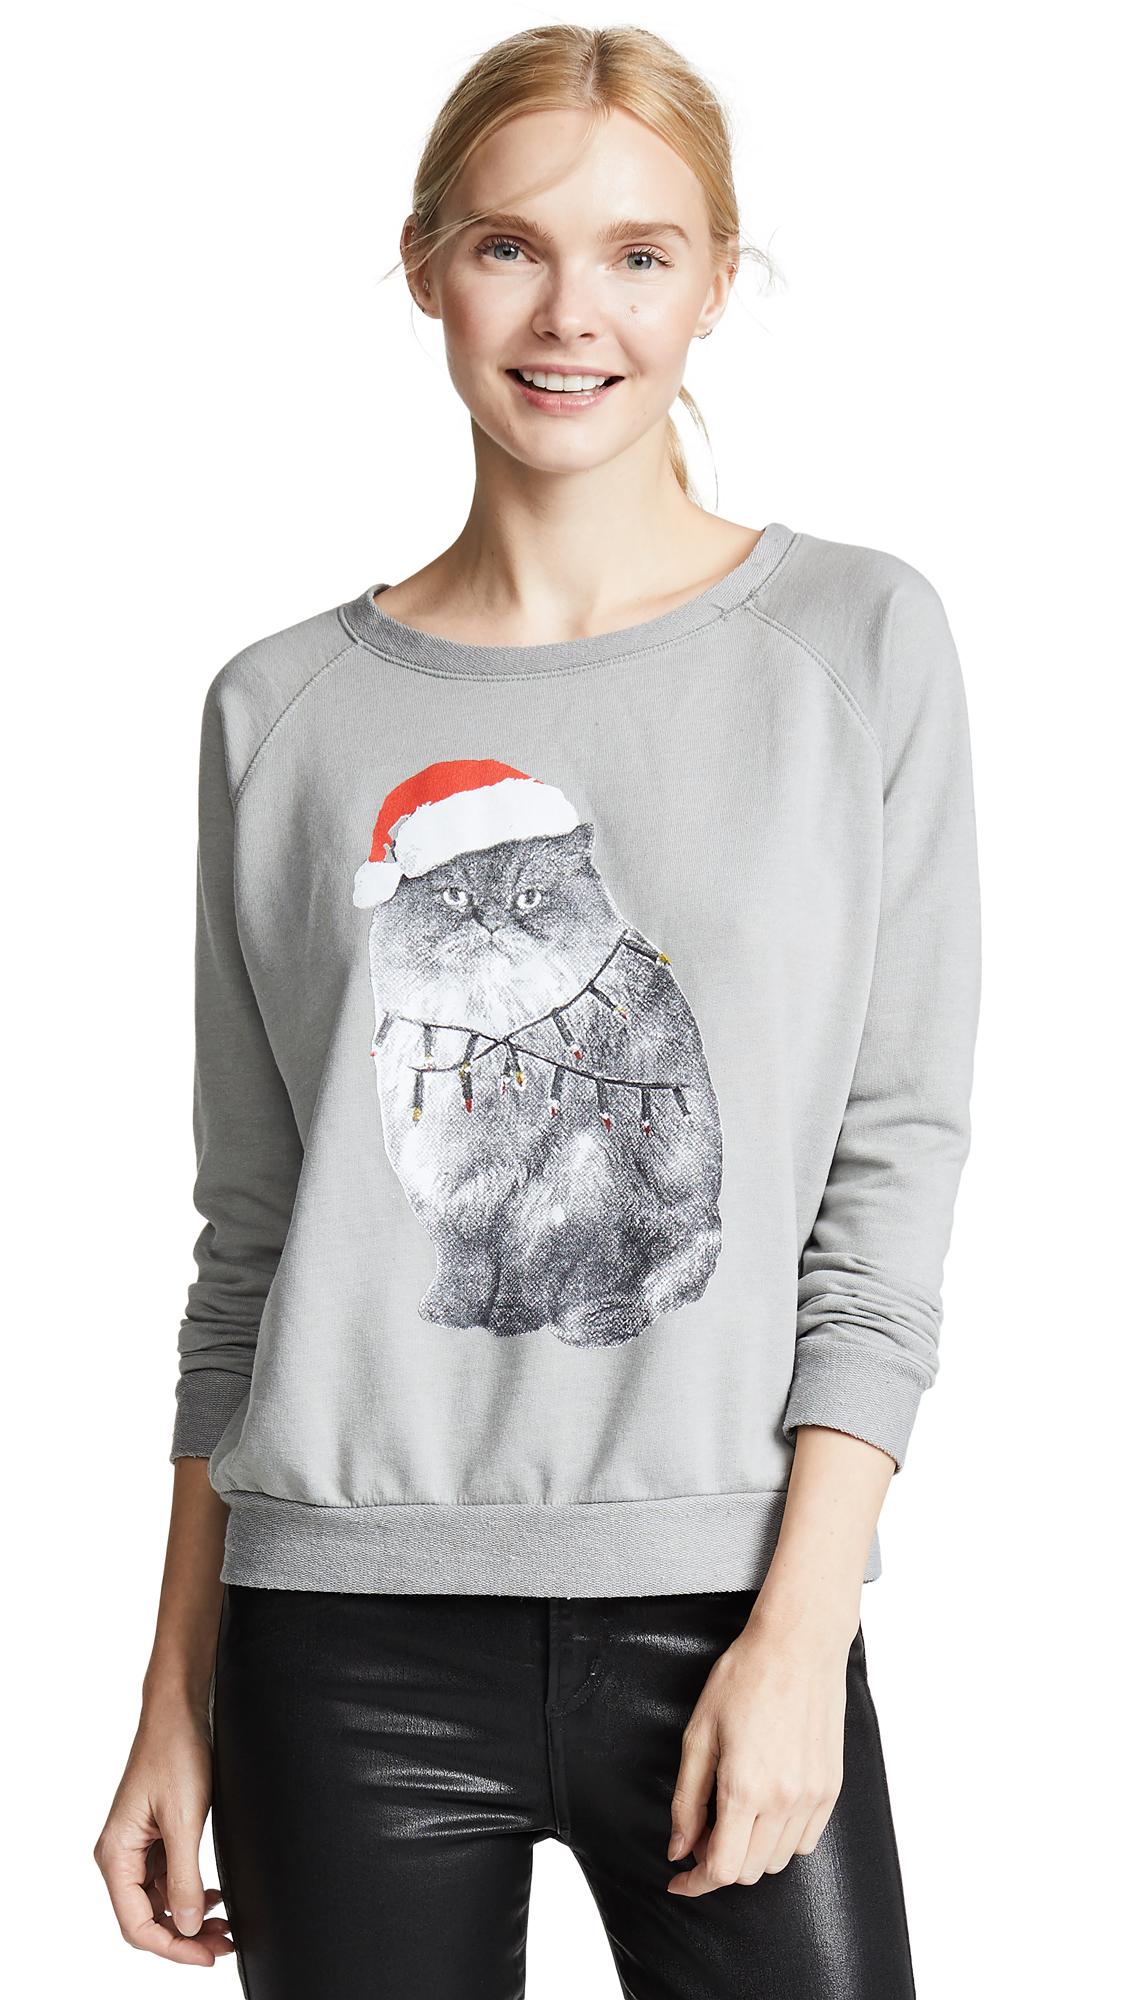 PRINCE PETER Angry Santa Sweatshirt in Grey